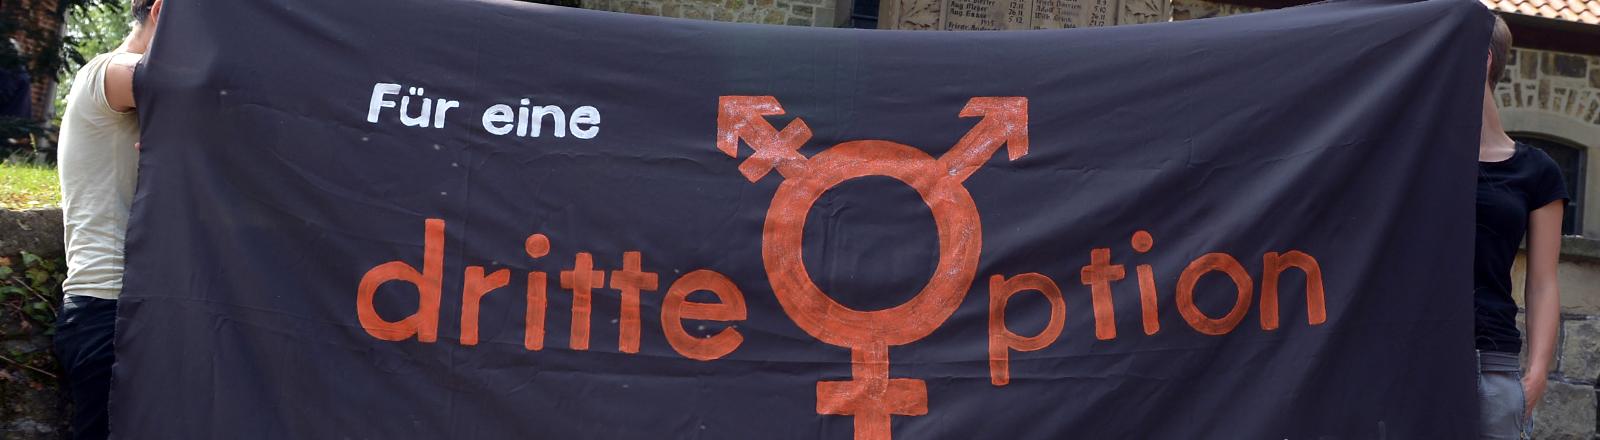 Banner für eine dritte Option beim Geschlechtseintrag